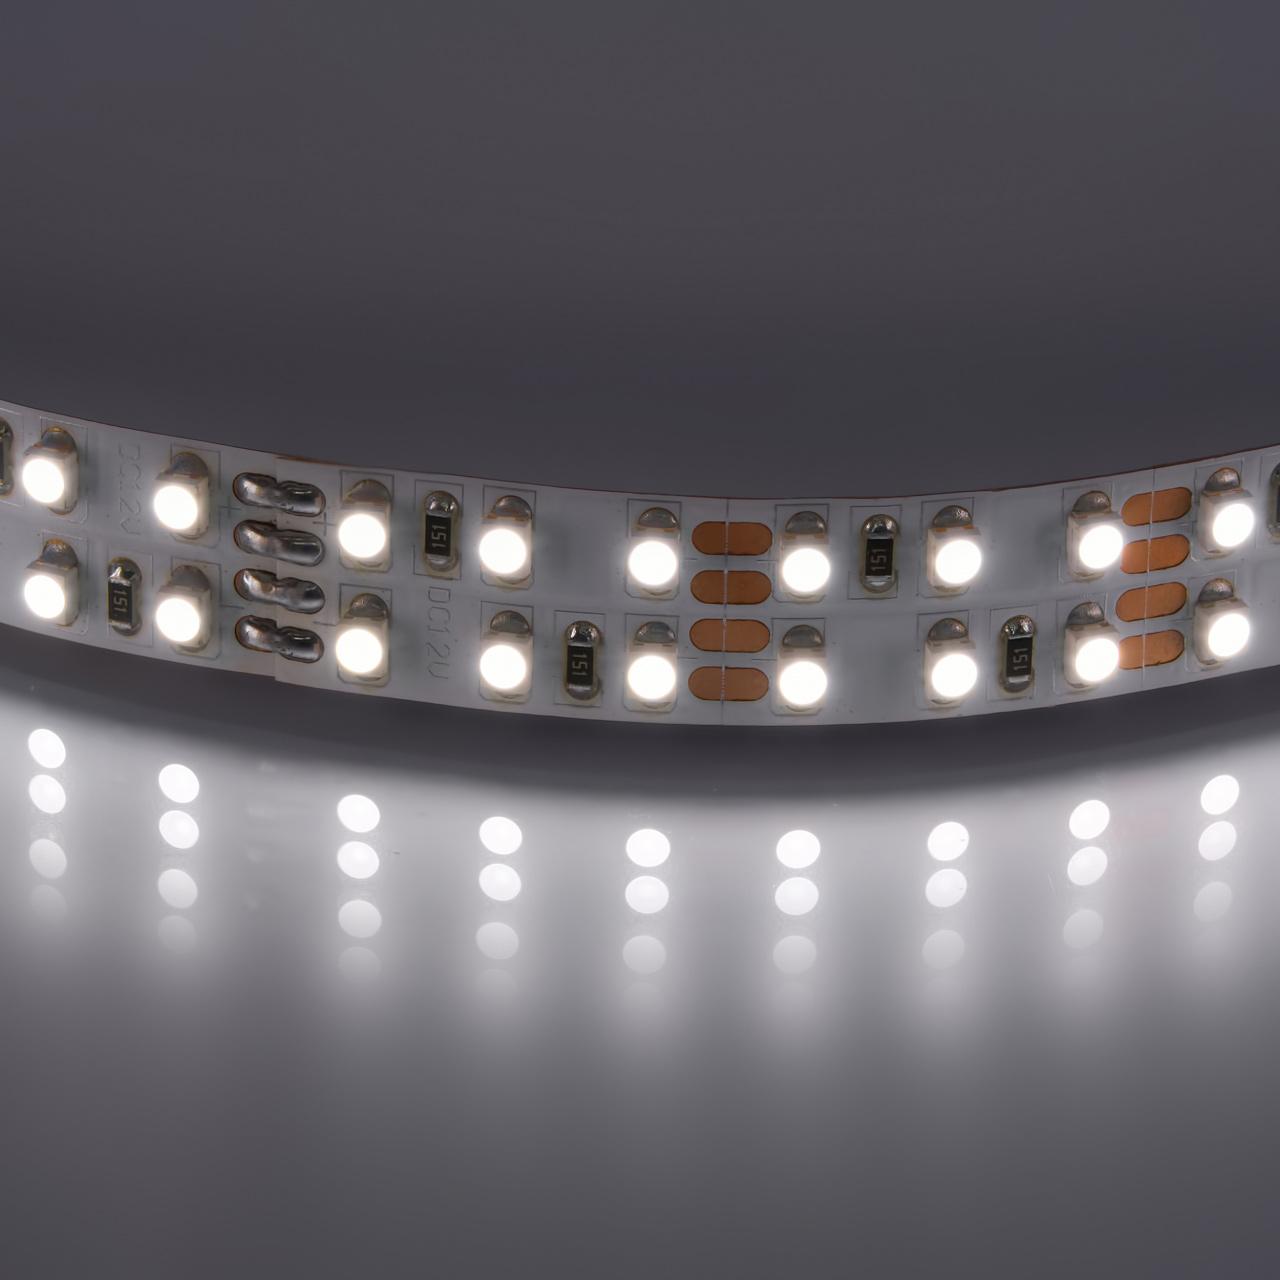 Лента 3528 LED 12V 19.2W 4200K-4500K 100m нейтральный белый цвет Lightstar 400024